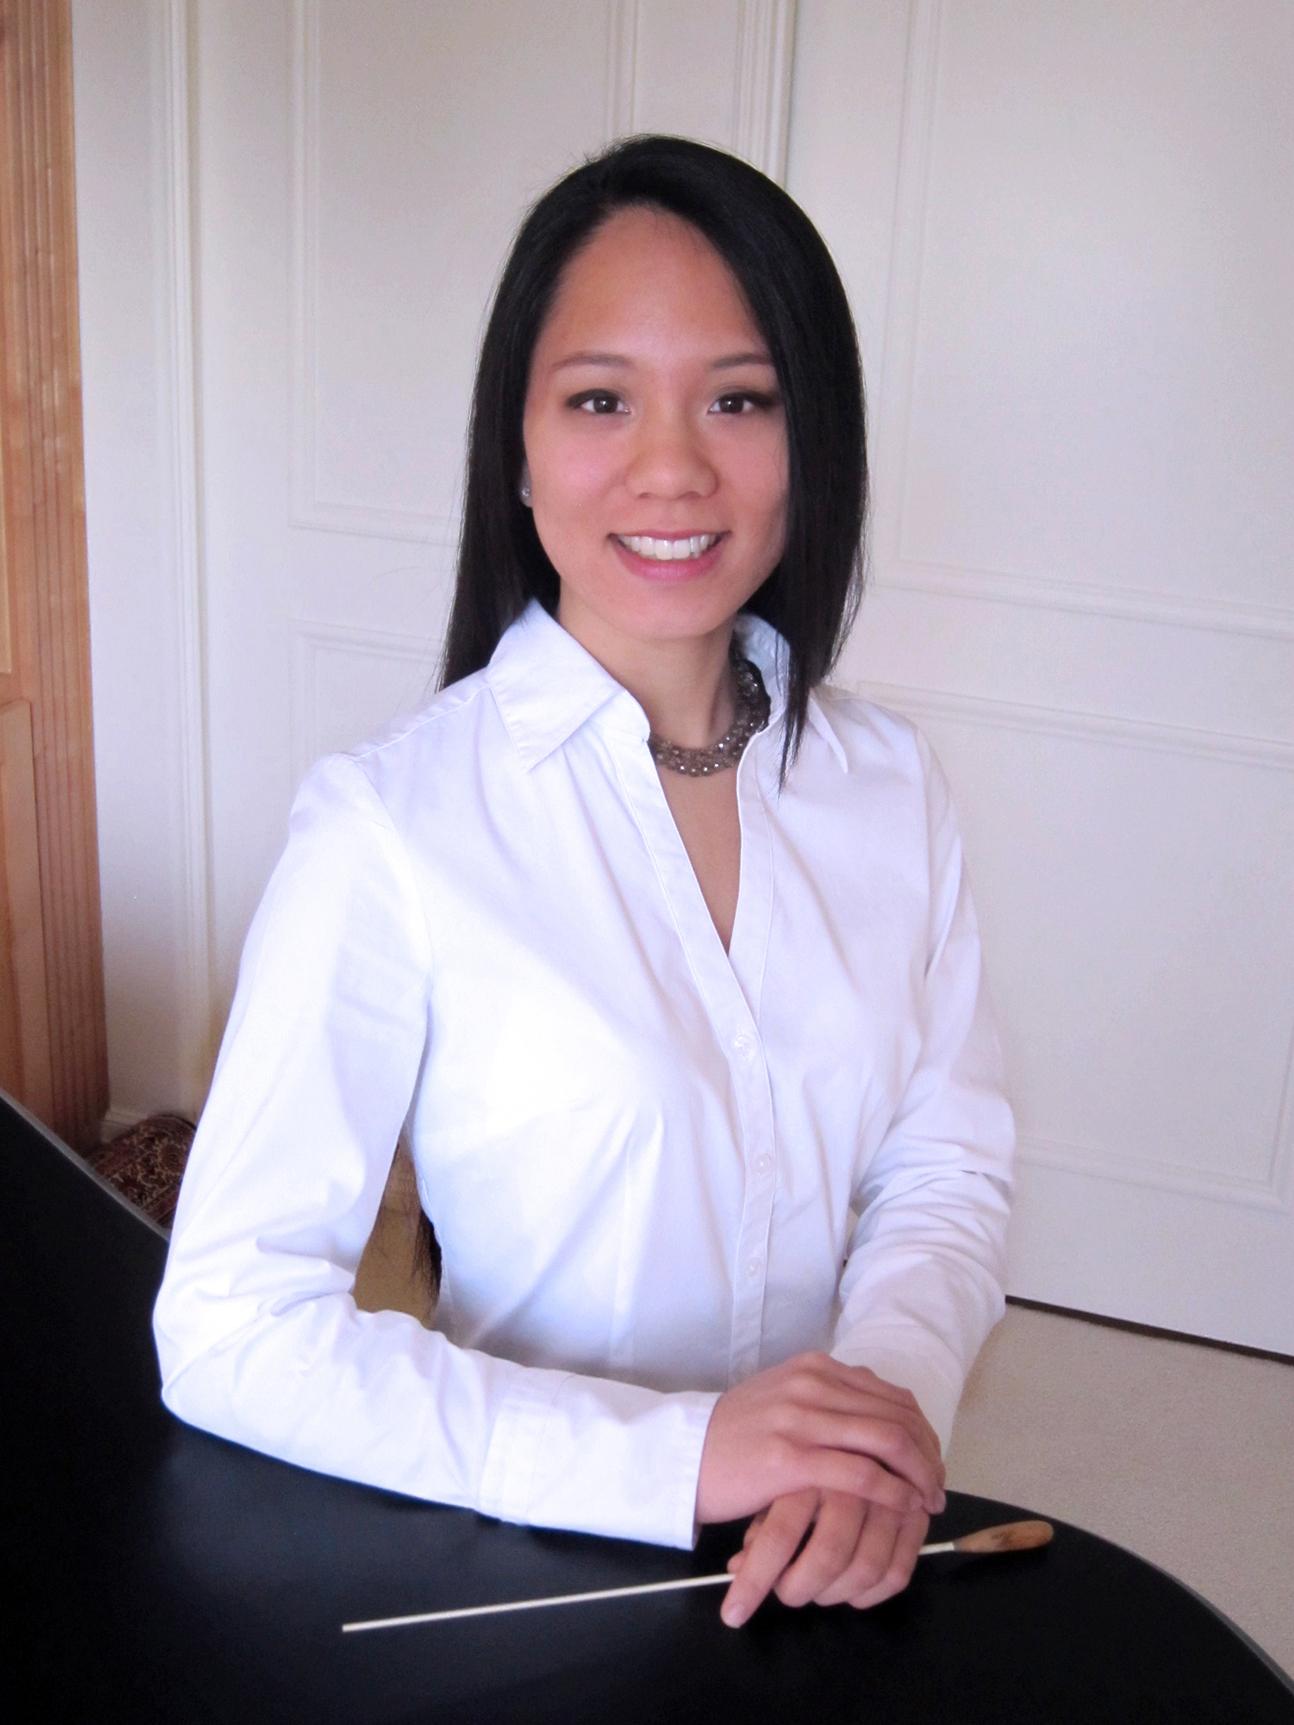 Adrianna L. Tam